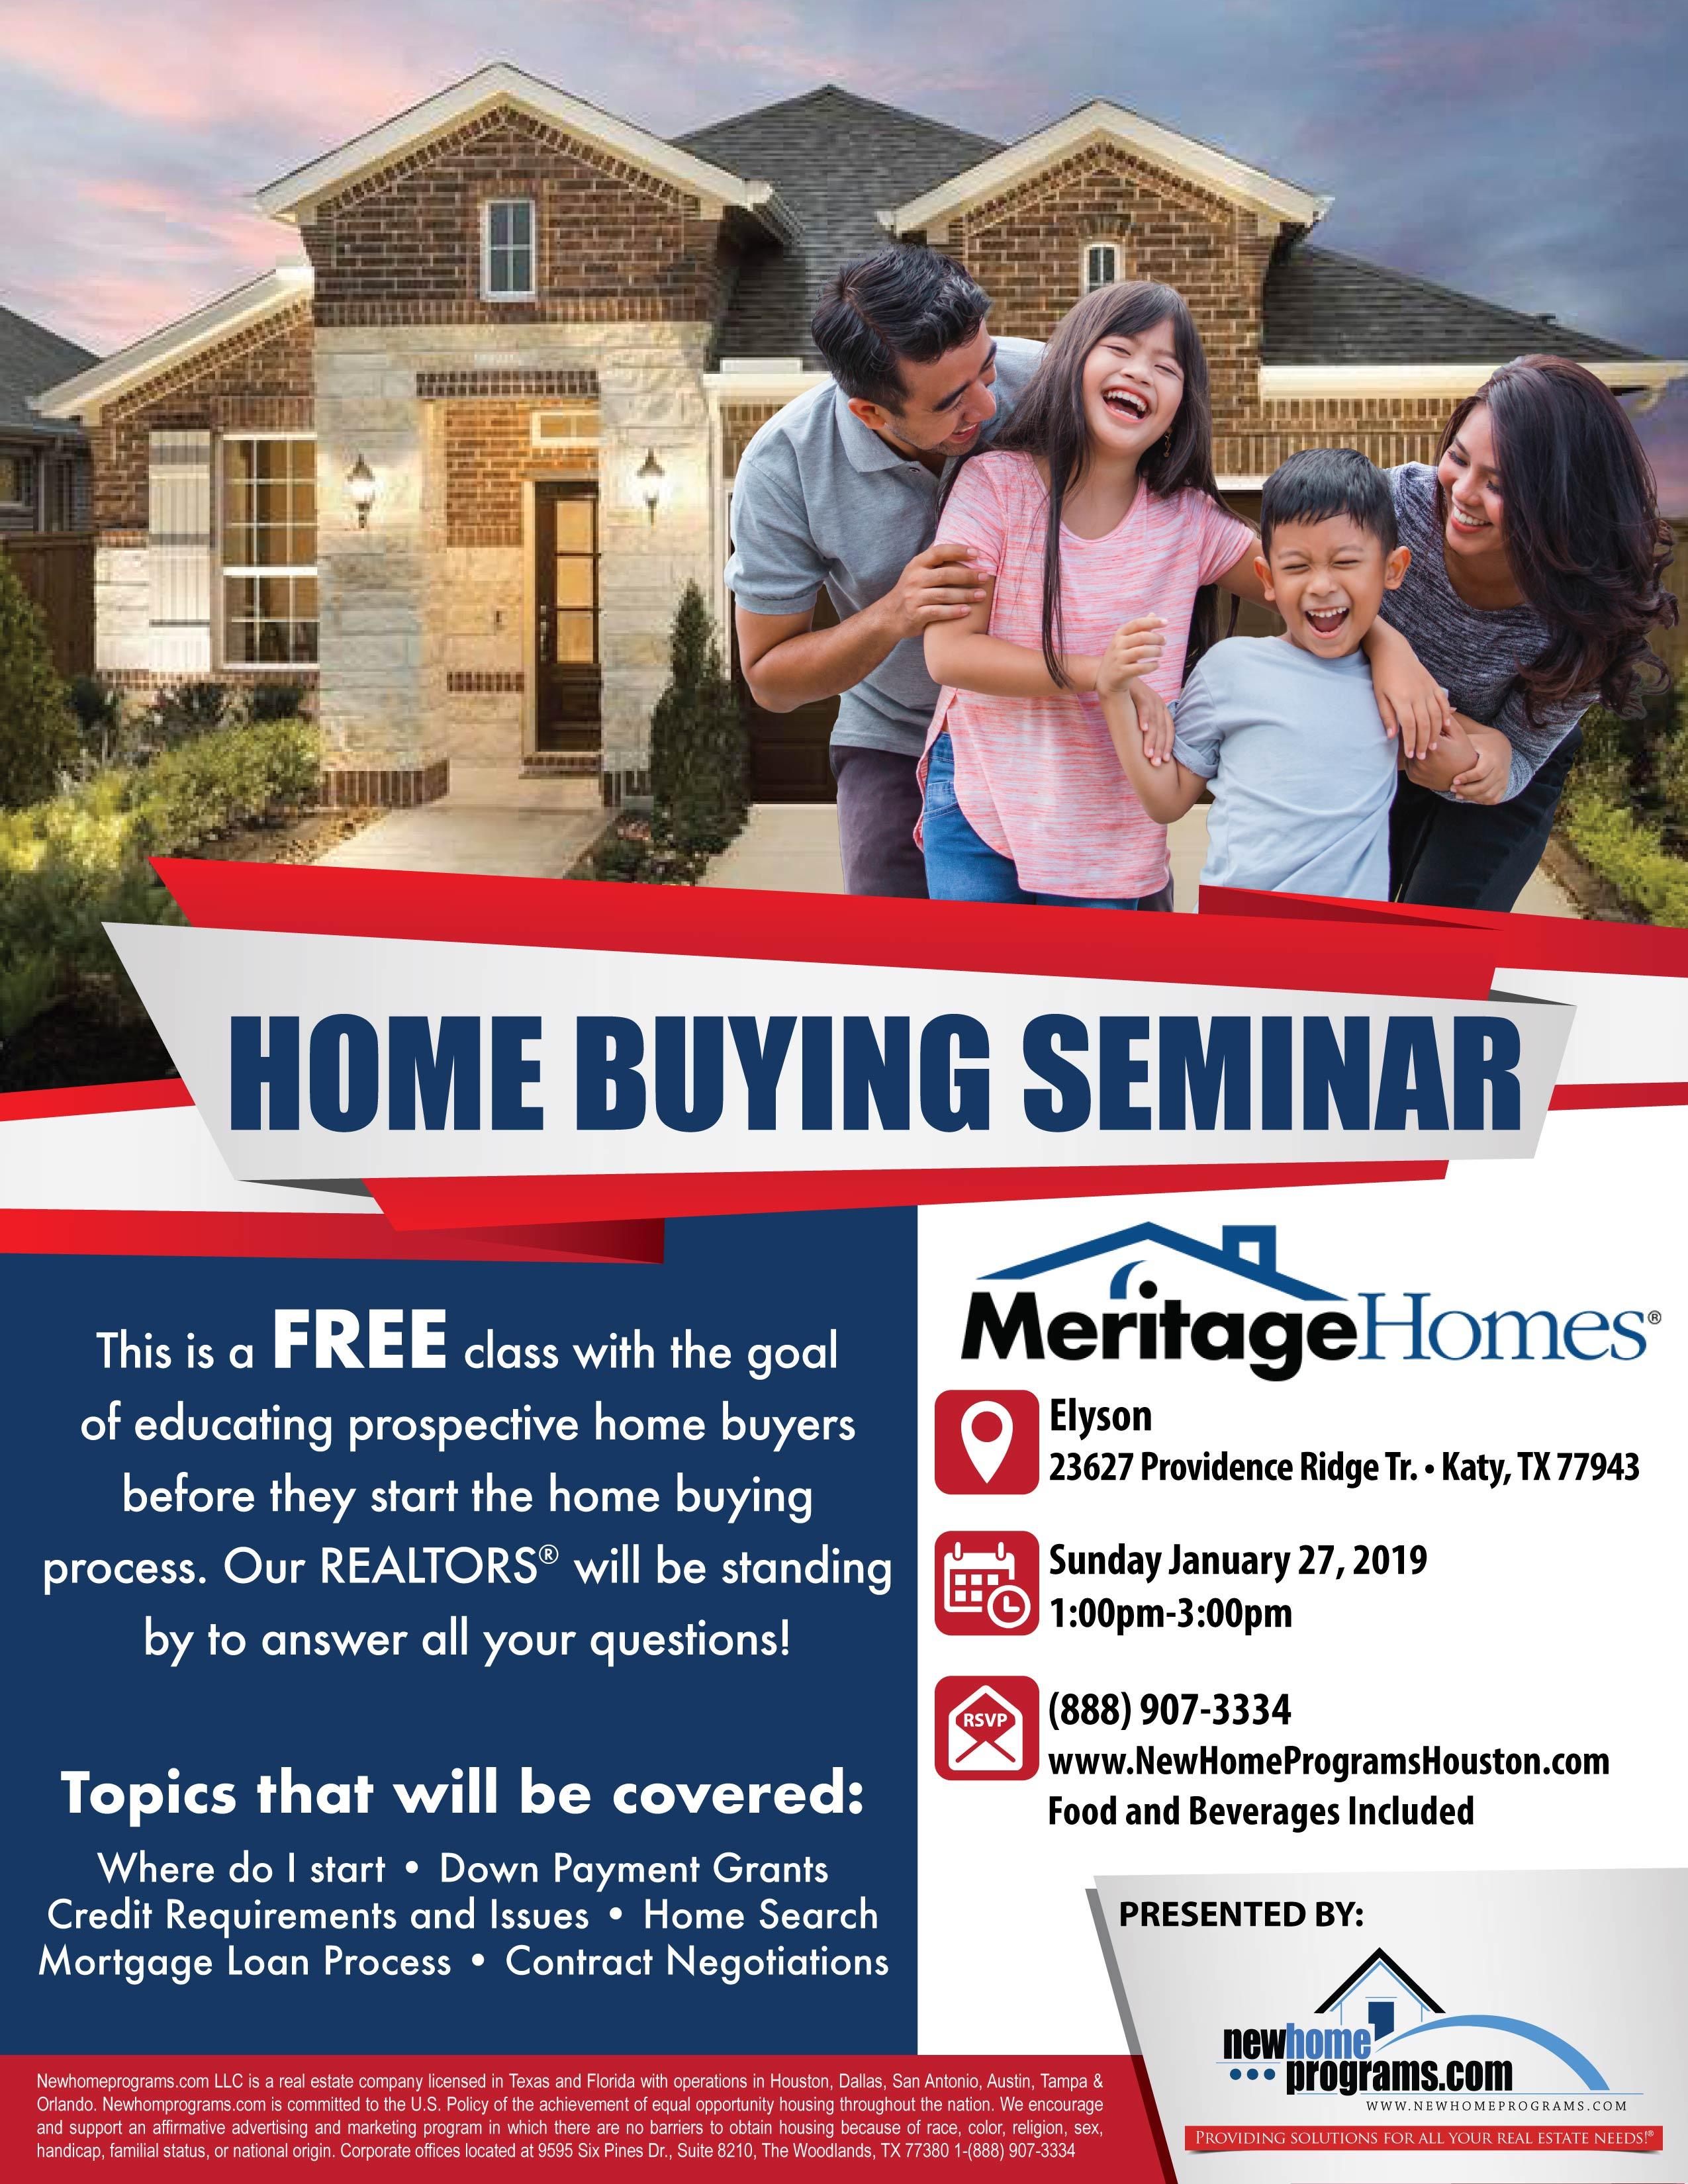 FREE Home Buying Seminar (Katy, TX) - 27 JAN 2019